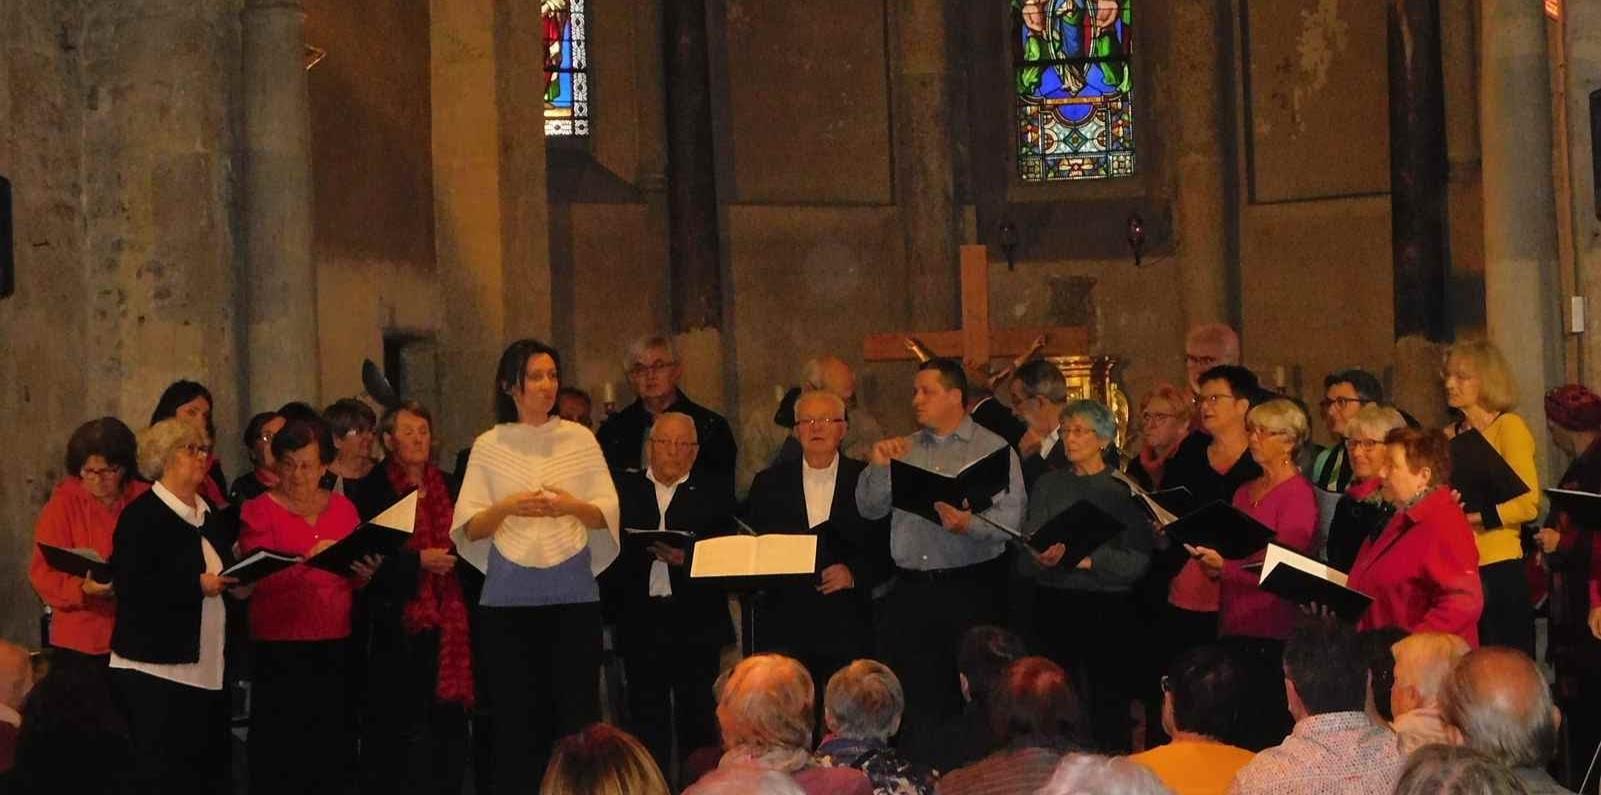 La Chorale Cantadour de Maubourguet